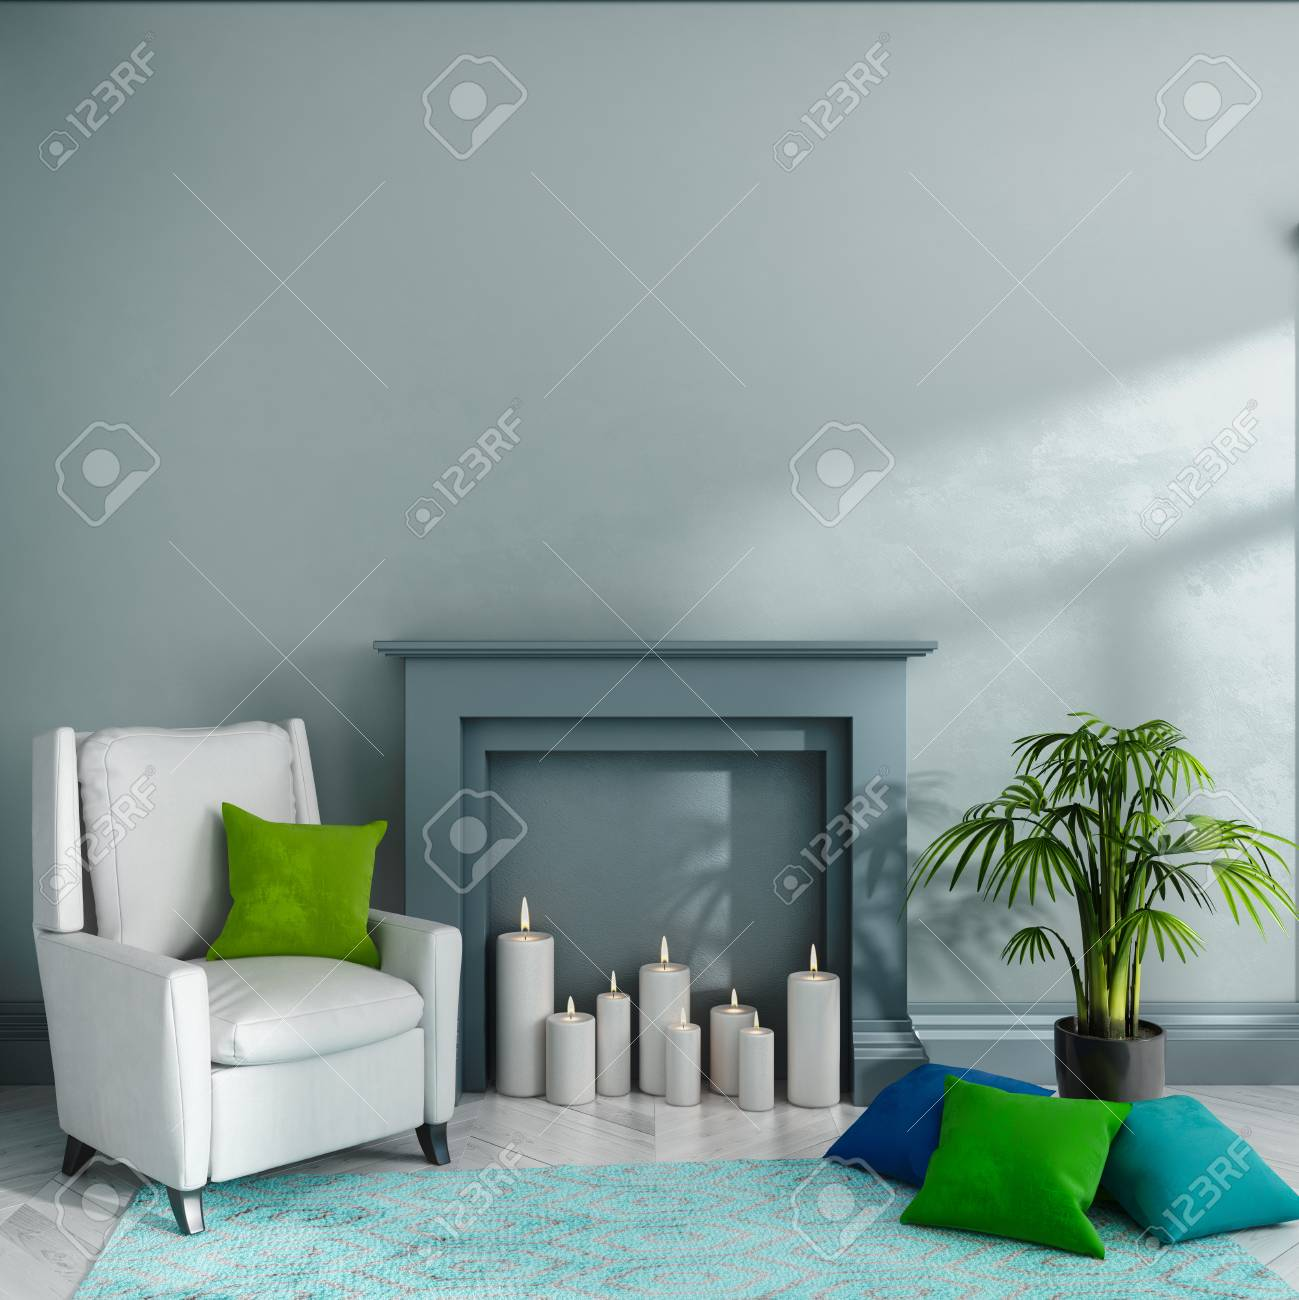 Salle vide avec mur gris, cheminée, bougies, fauteuil, oreillers, tapis et  plante. Intérieur scandinave. Maquette. Illustration de rendu 3D